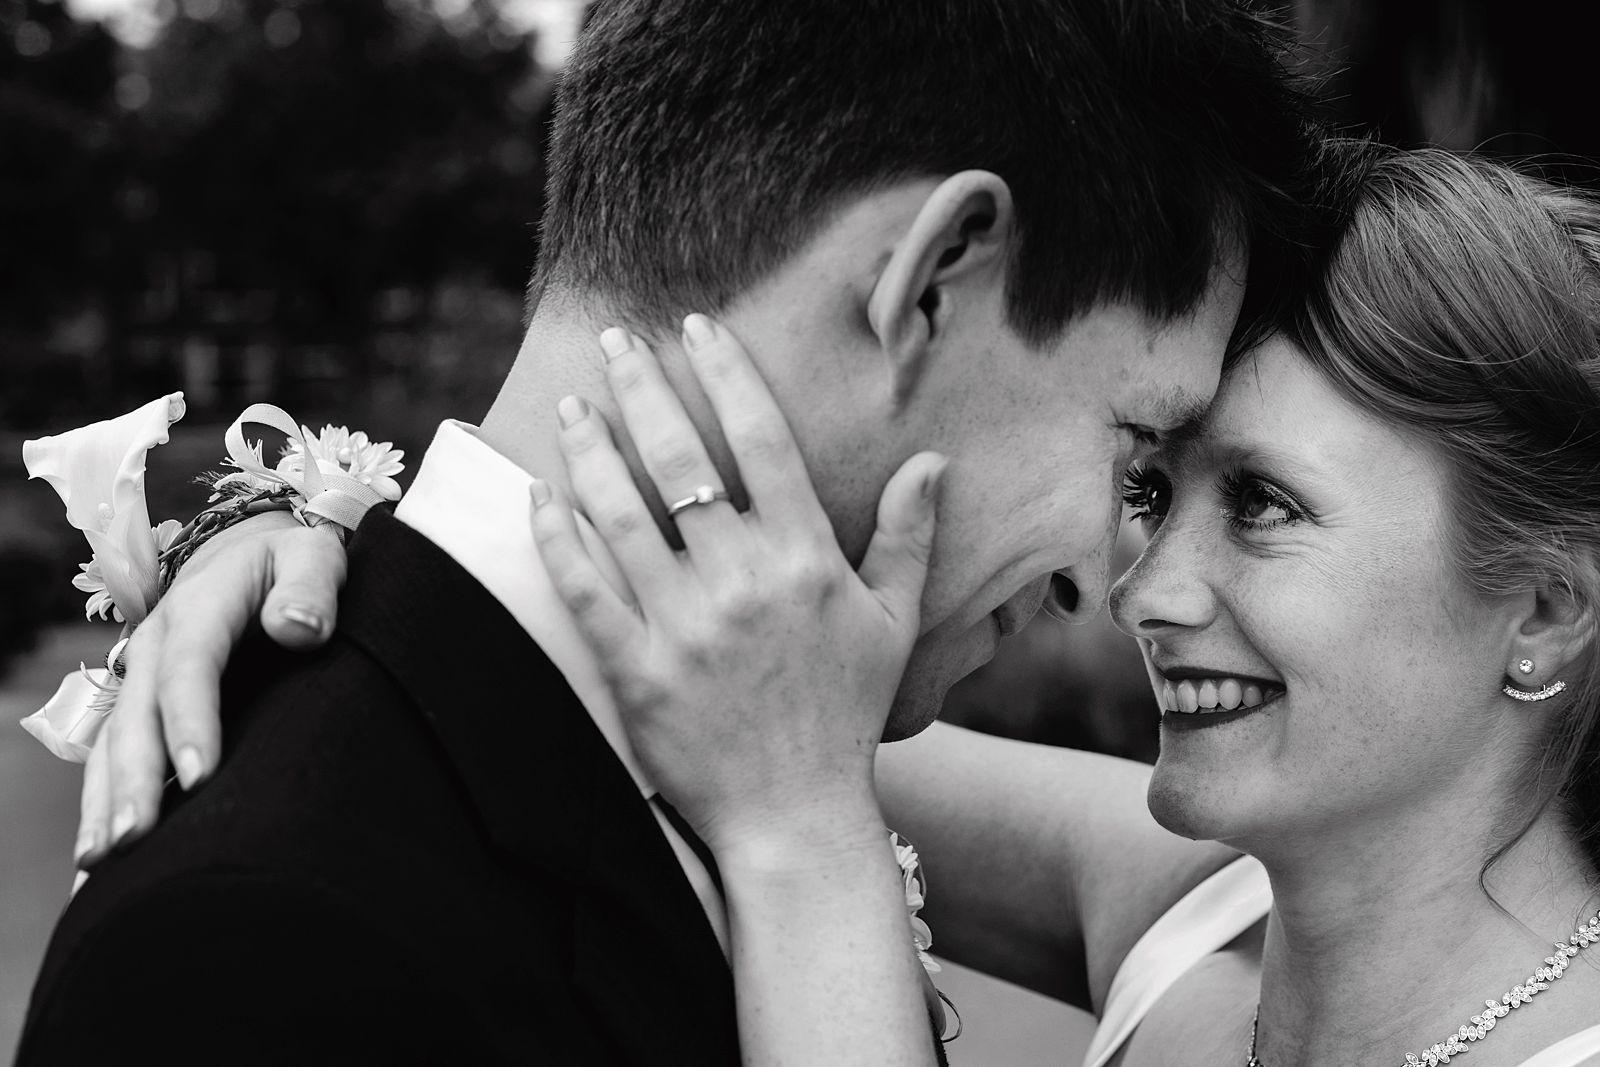 ruudc fotografie, trouwfotograaf leiden, bruidsfotograaf leiden, bruidsfotograaf zuid-holland, trouwfotograaf zuid-holland, hortus leiden trouwen, hortus leiden bruiloft, trouwen hortus botanicus, trouwen hortus leiden, hortus botanicus leiden, trouwen in leiden, trouwen in zuid-holland, fotograaf Leiden, bruiloft hortus botanicus, Fotograaf bruiloft, fotograaf huwelijk